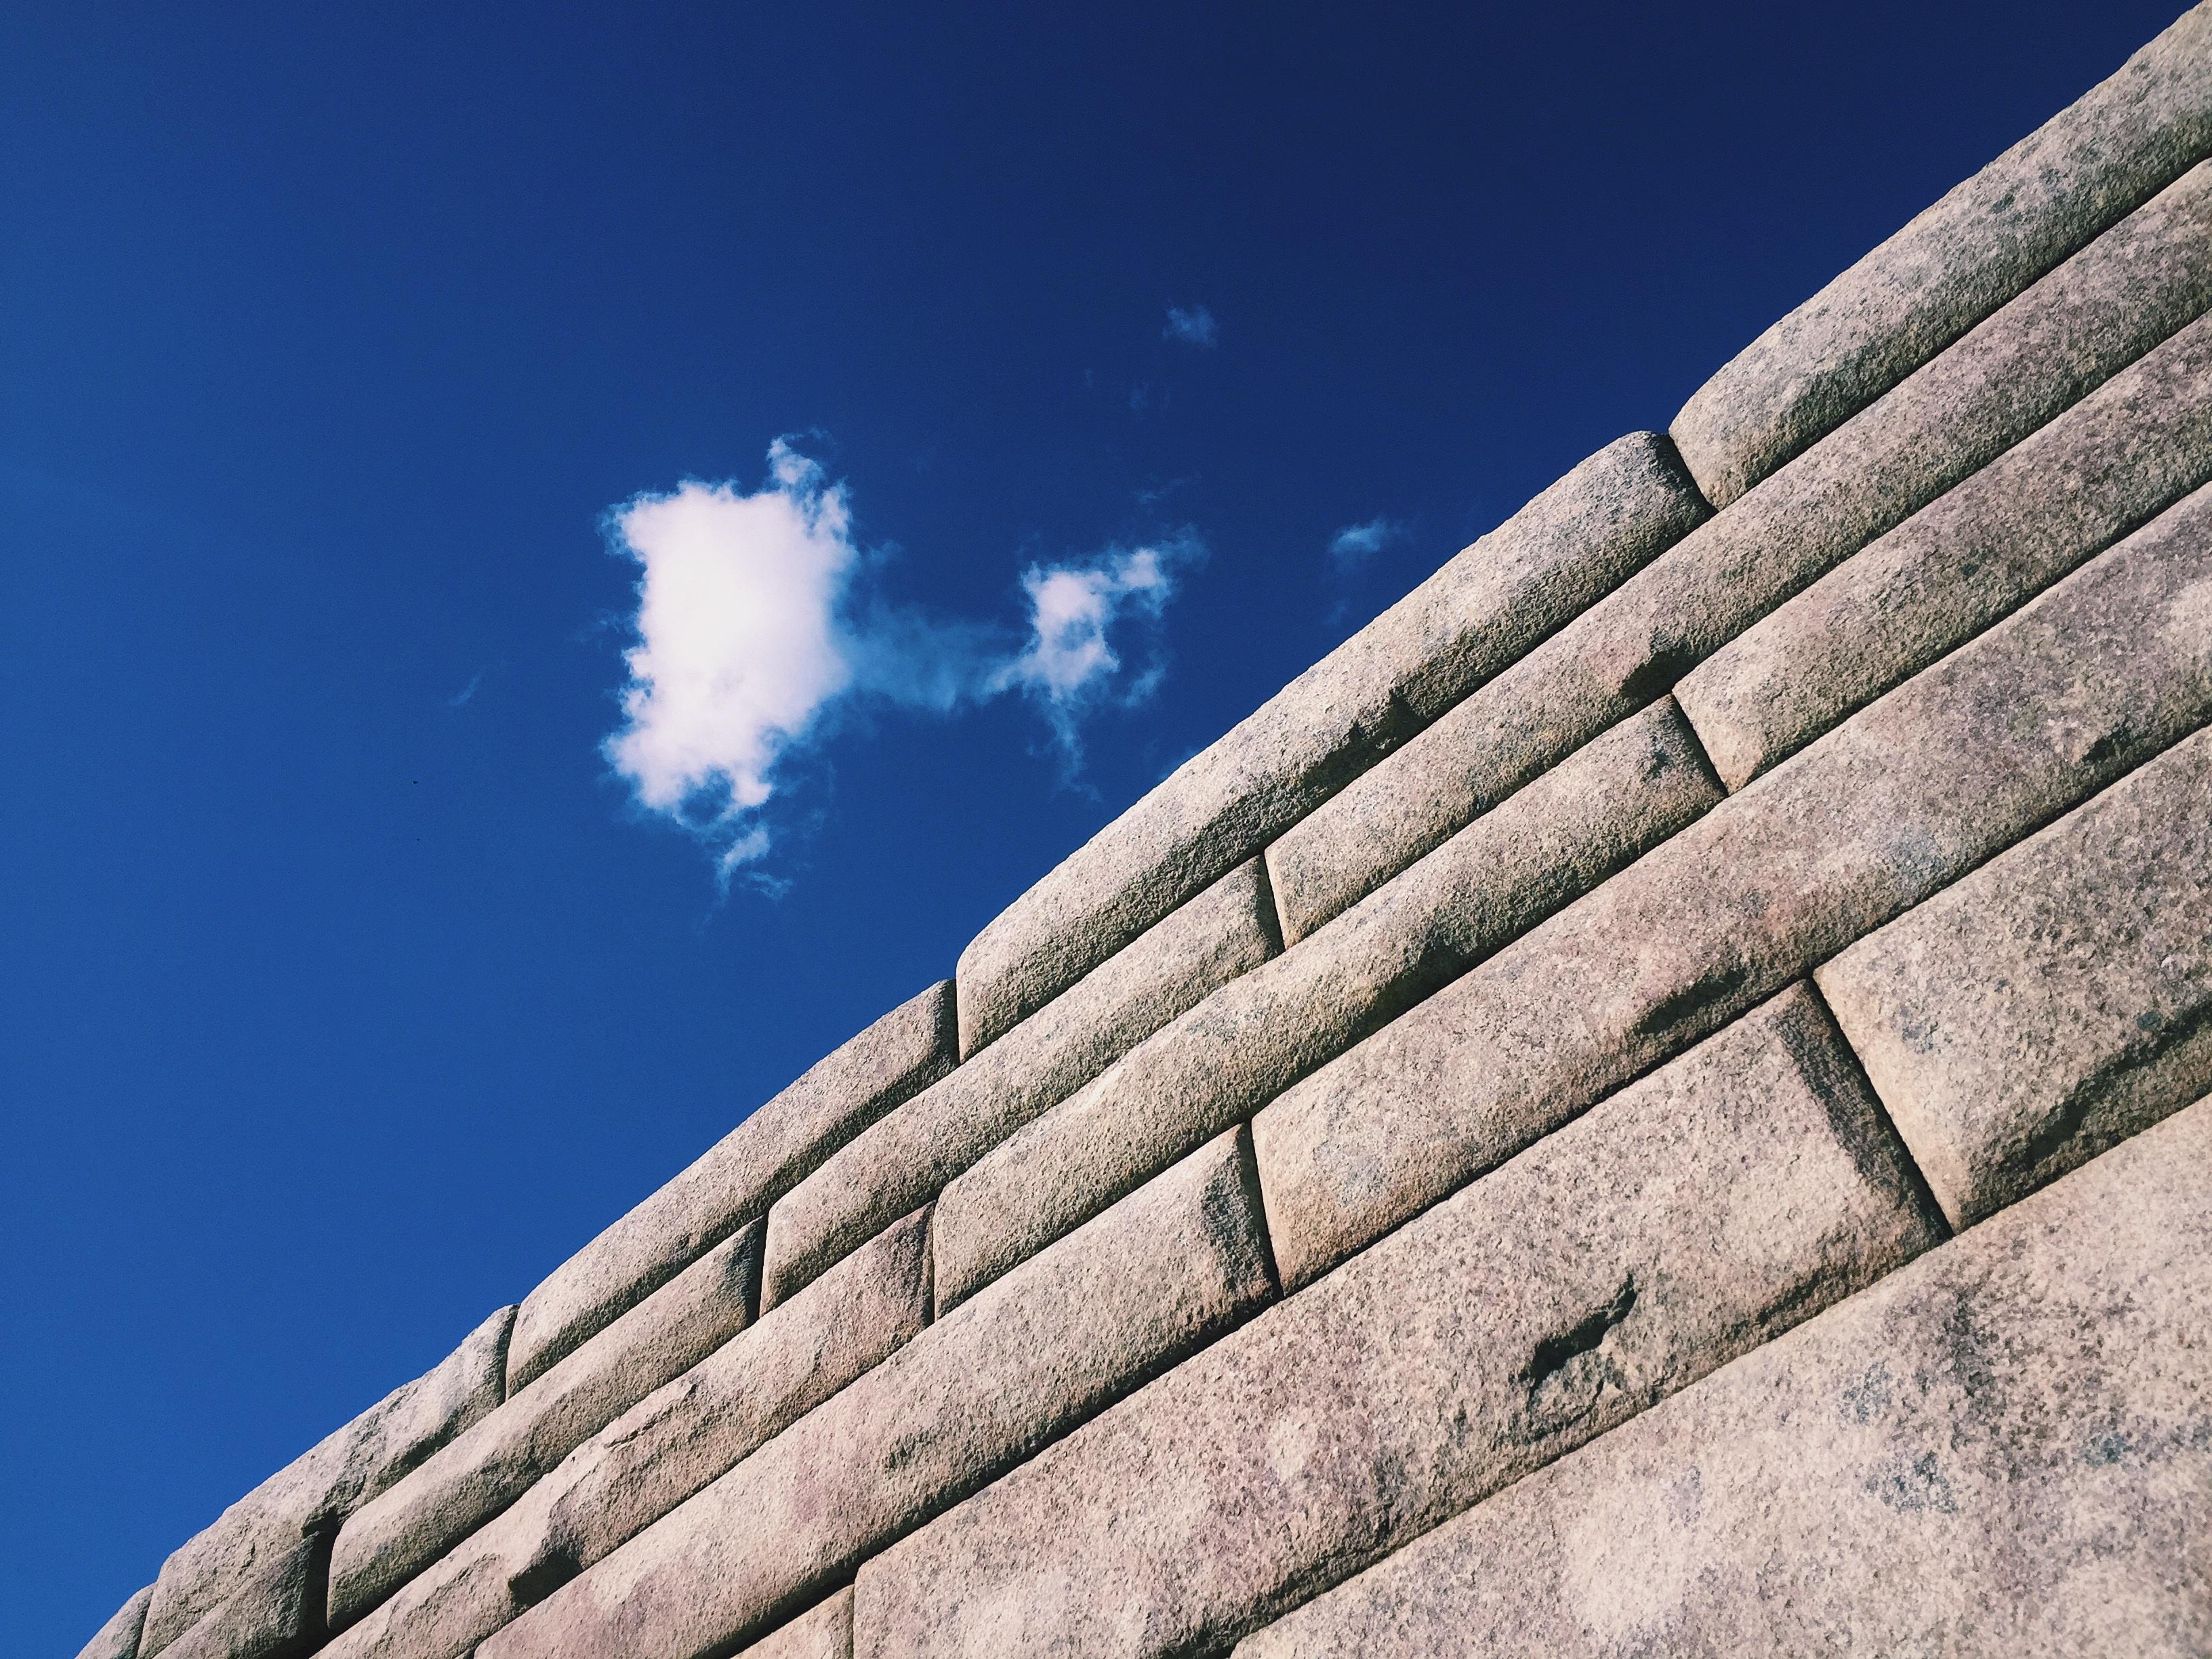 Hình Ảnh : Đá, Đám Mây, Bầu Trời, Ánh Sáng Mặt Trời, Mái Nhà, Tường, Hàng,  Màu Xanh Da Trời, Hình Dạng 3264x2448